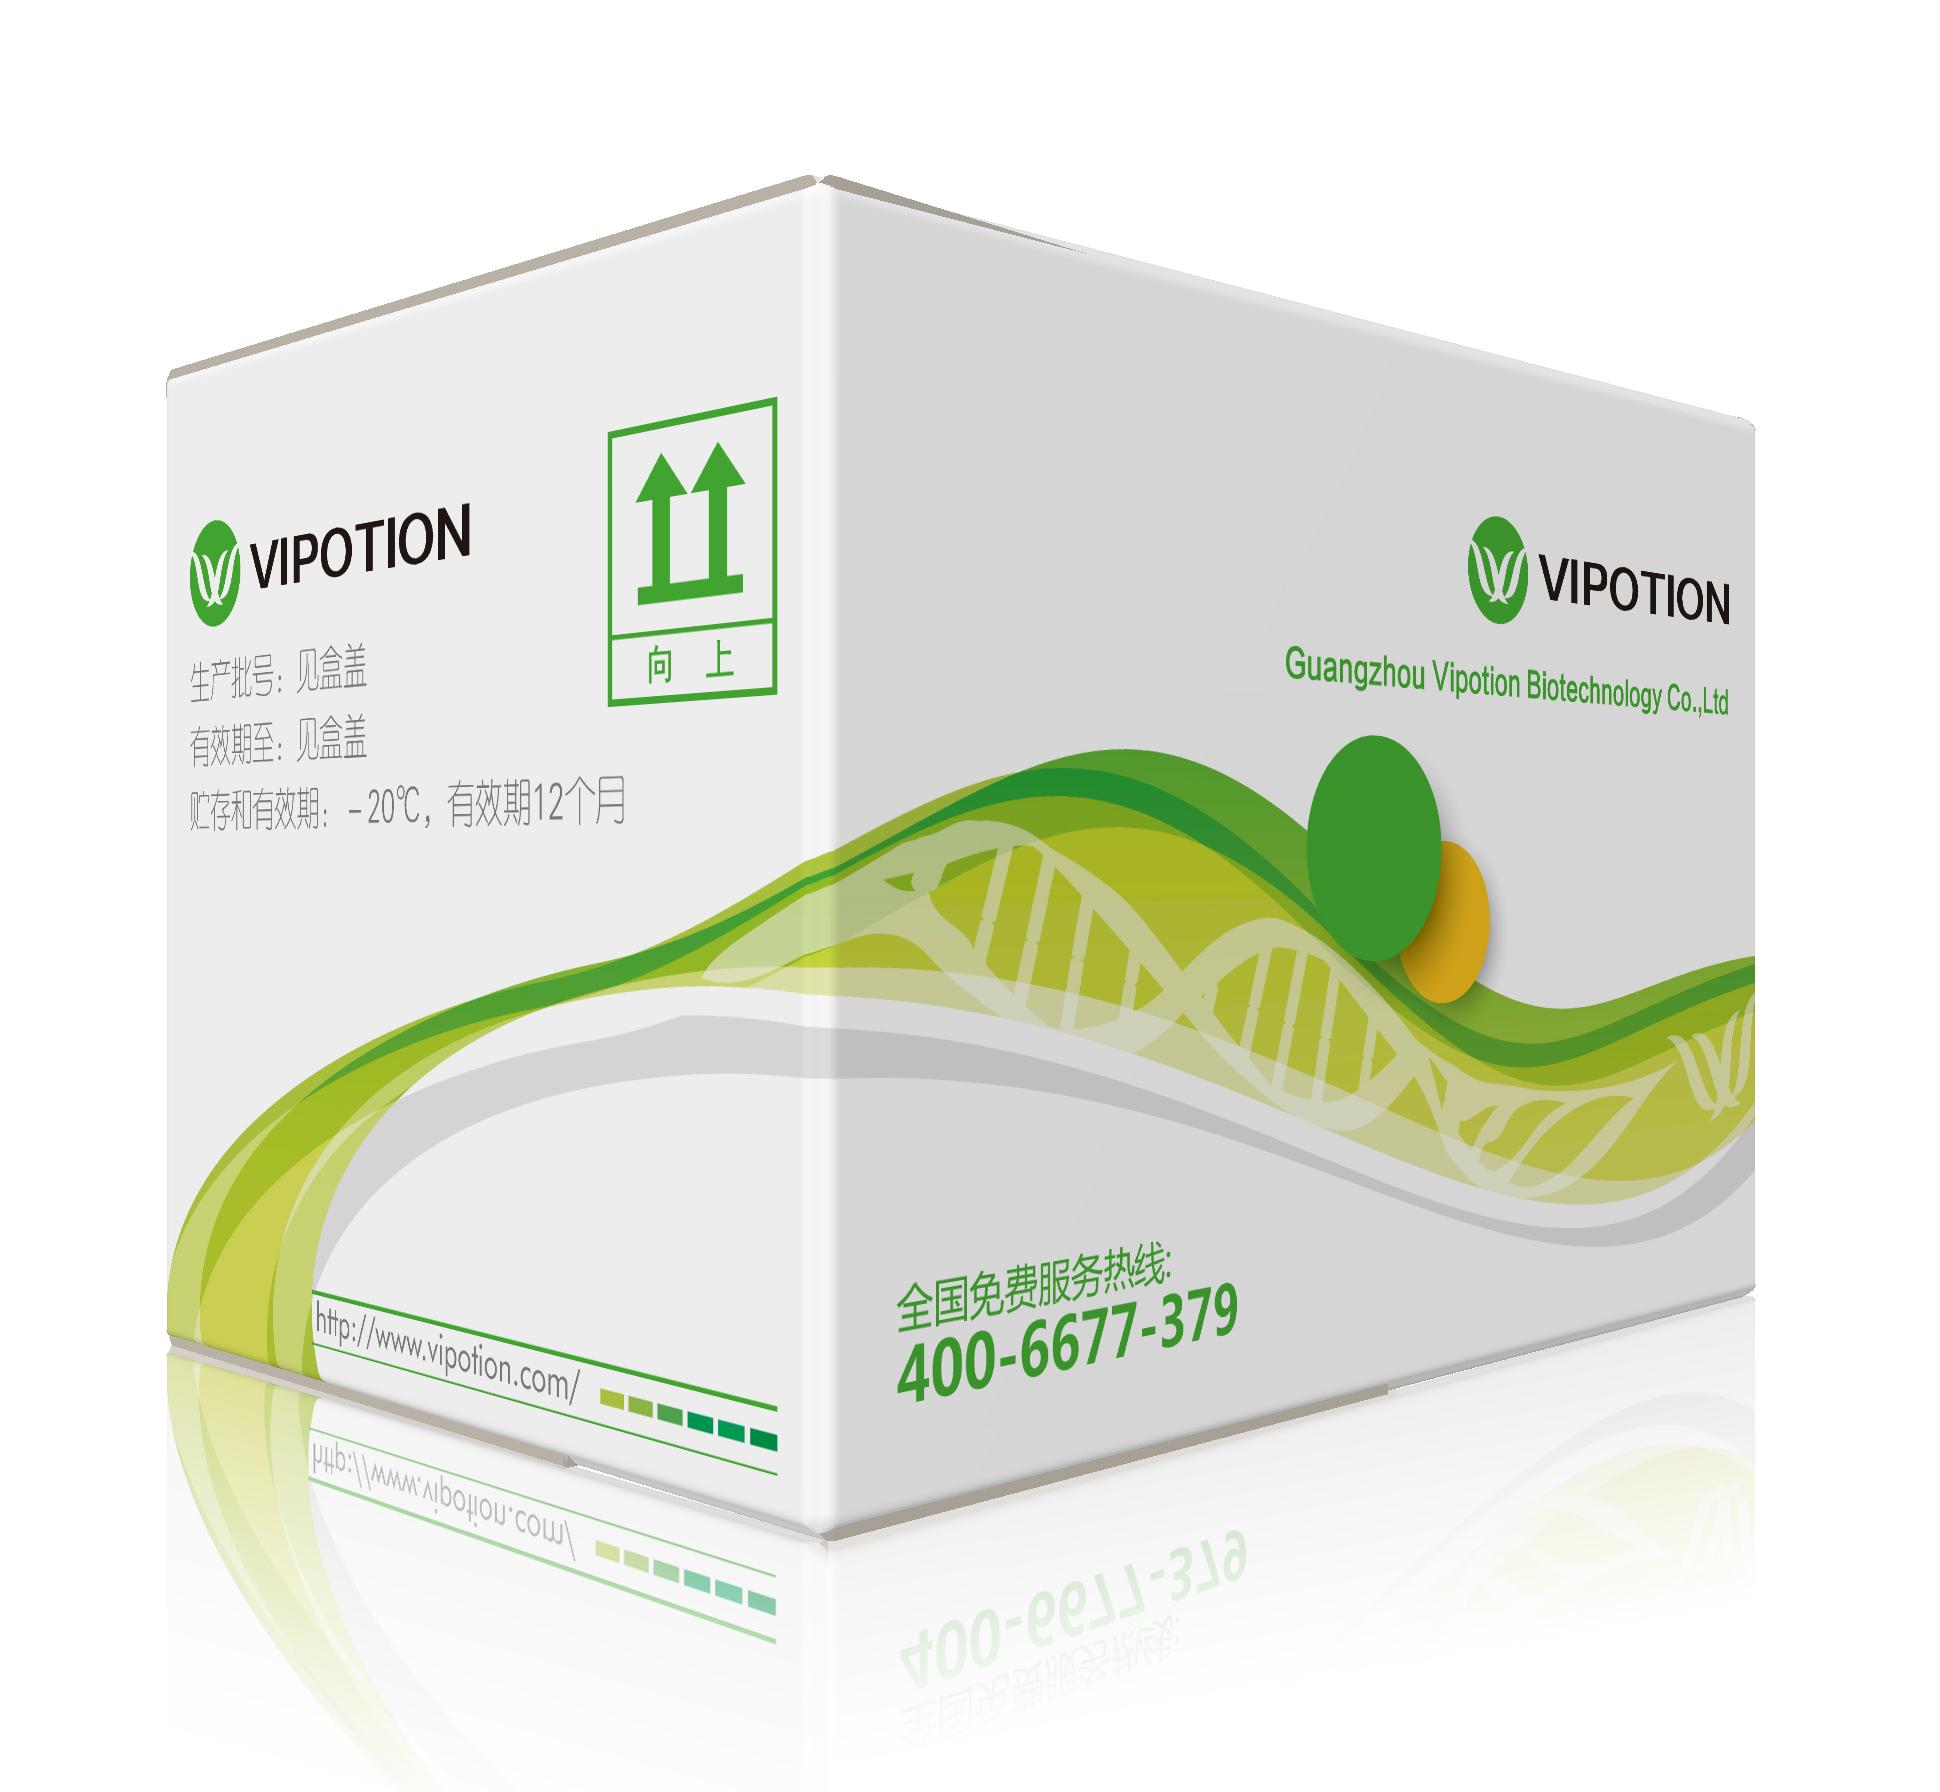 犬布氏杆菌(BS)核酸检测试剂盒(PCR法)